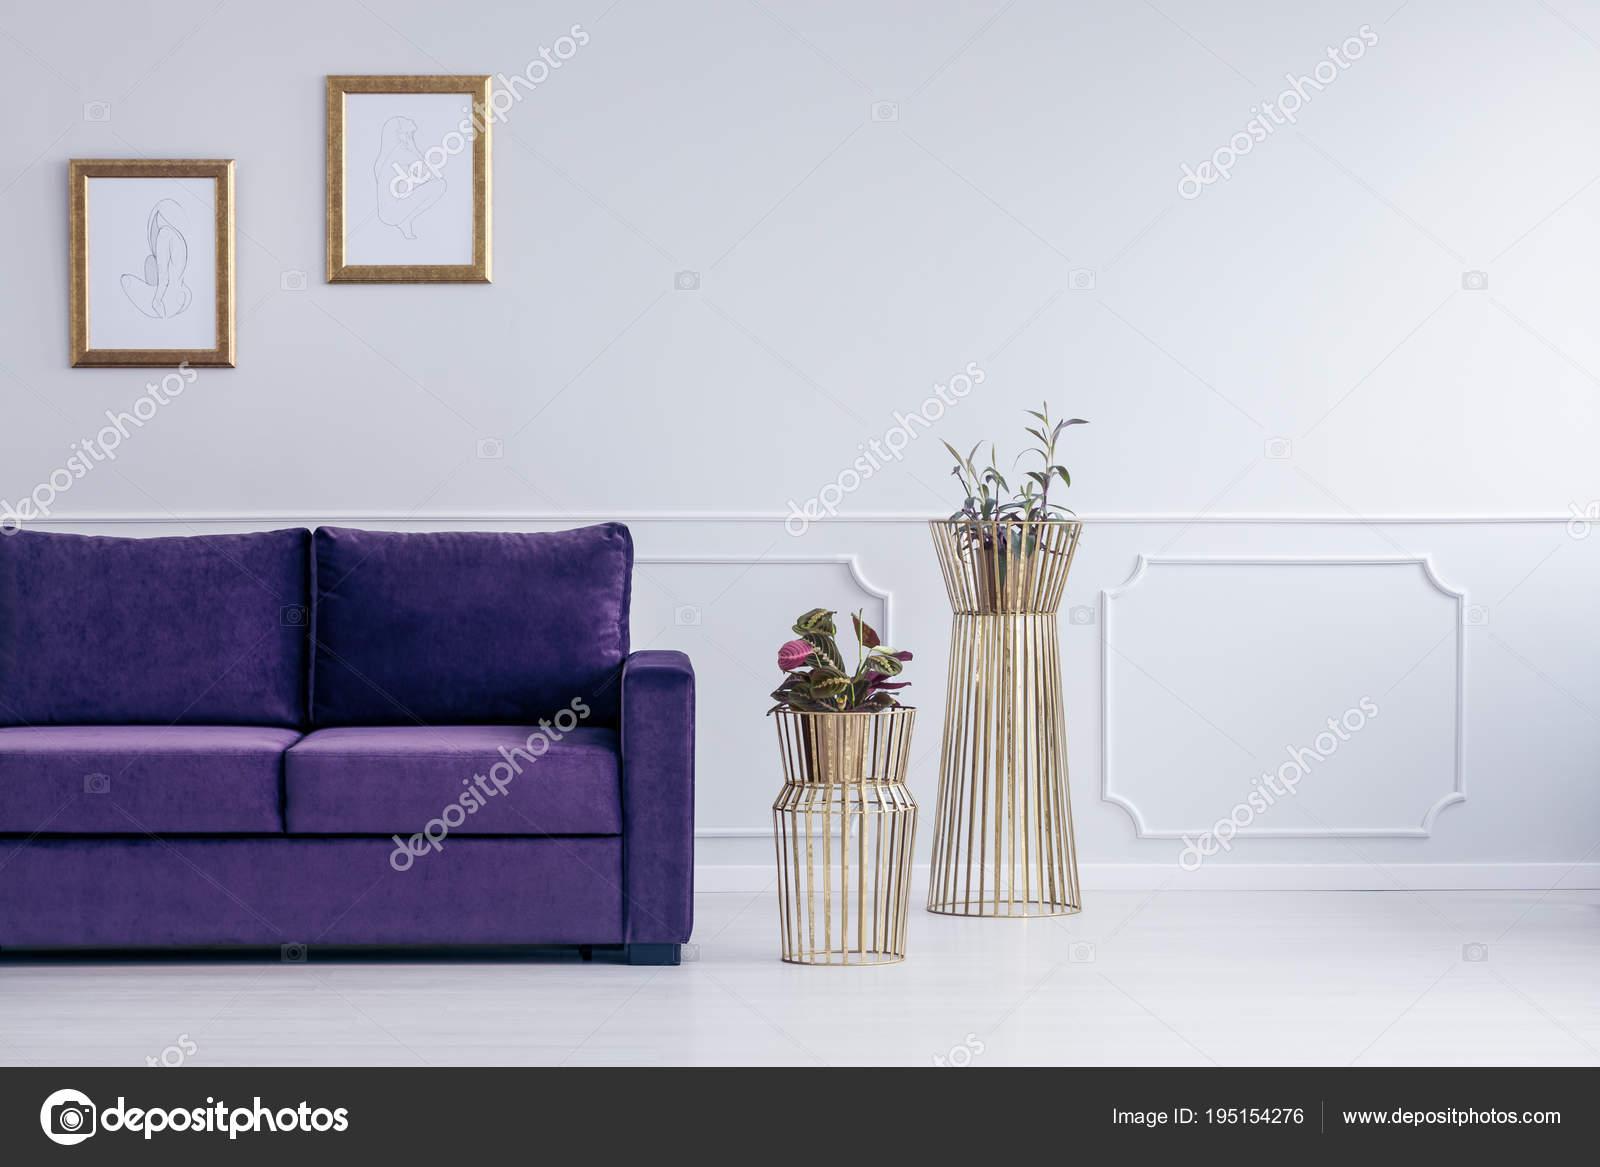 Pflanzen Neben Lila Sofa Gegen Graue Wand Mit Zeichnungen In Gold Frames Im  Wohnzimmer Interieur U2014 Foto Von Photographee.eu